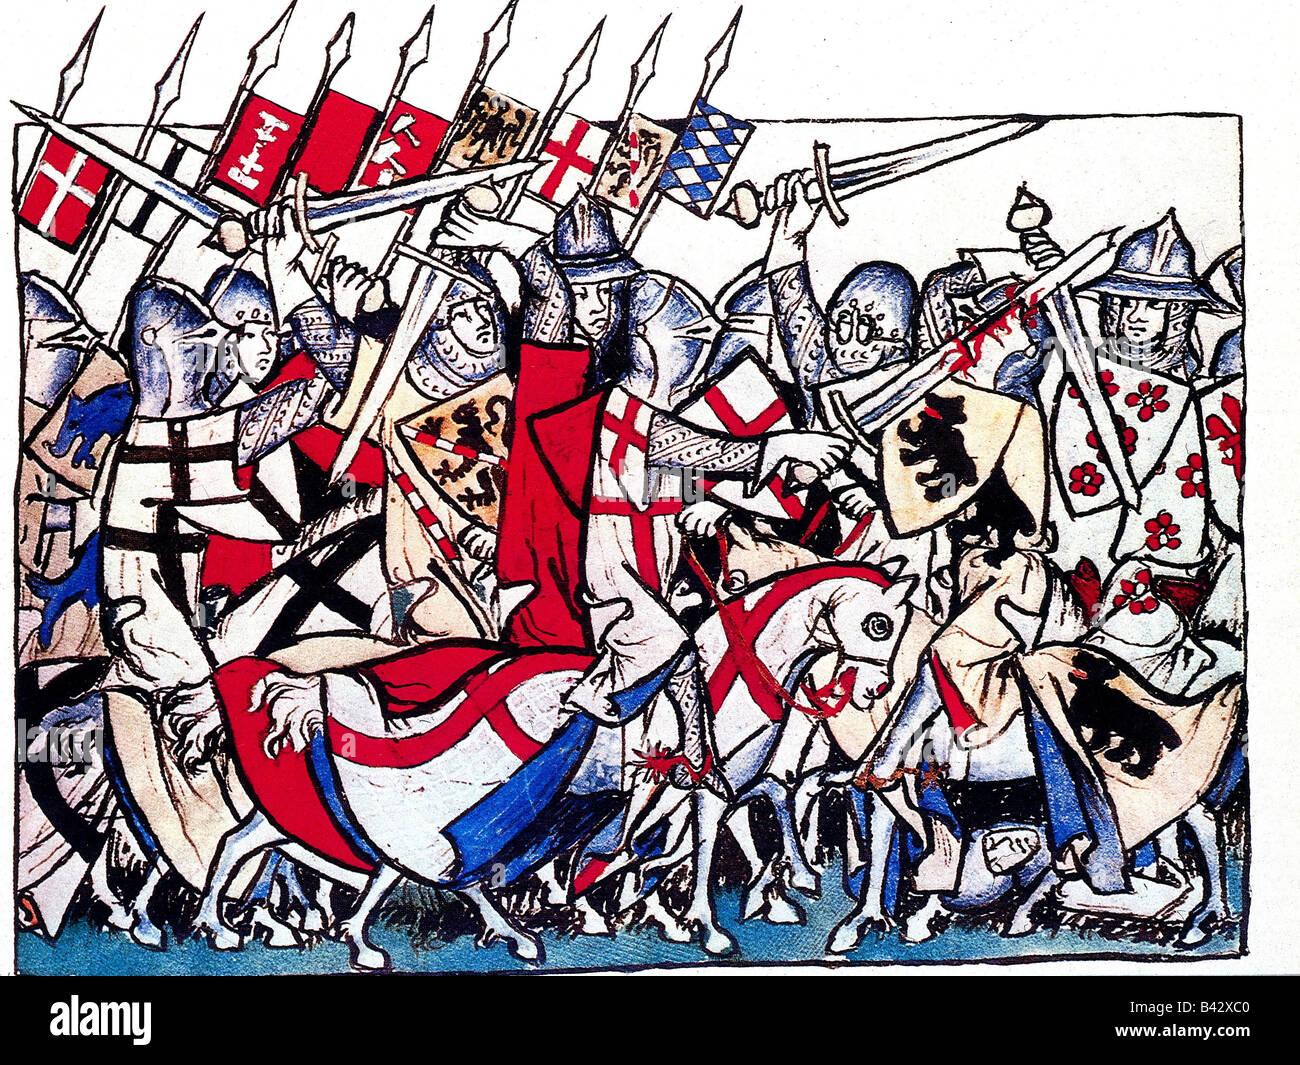 Henry VII., circa 1275 - 24.8.1313, emperador del Sacro Imperio Romano Germánico 29.6.1312 - 24.8.1313, luchando Imagen De Stock